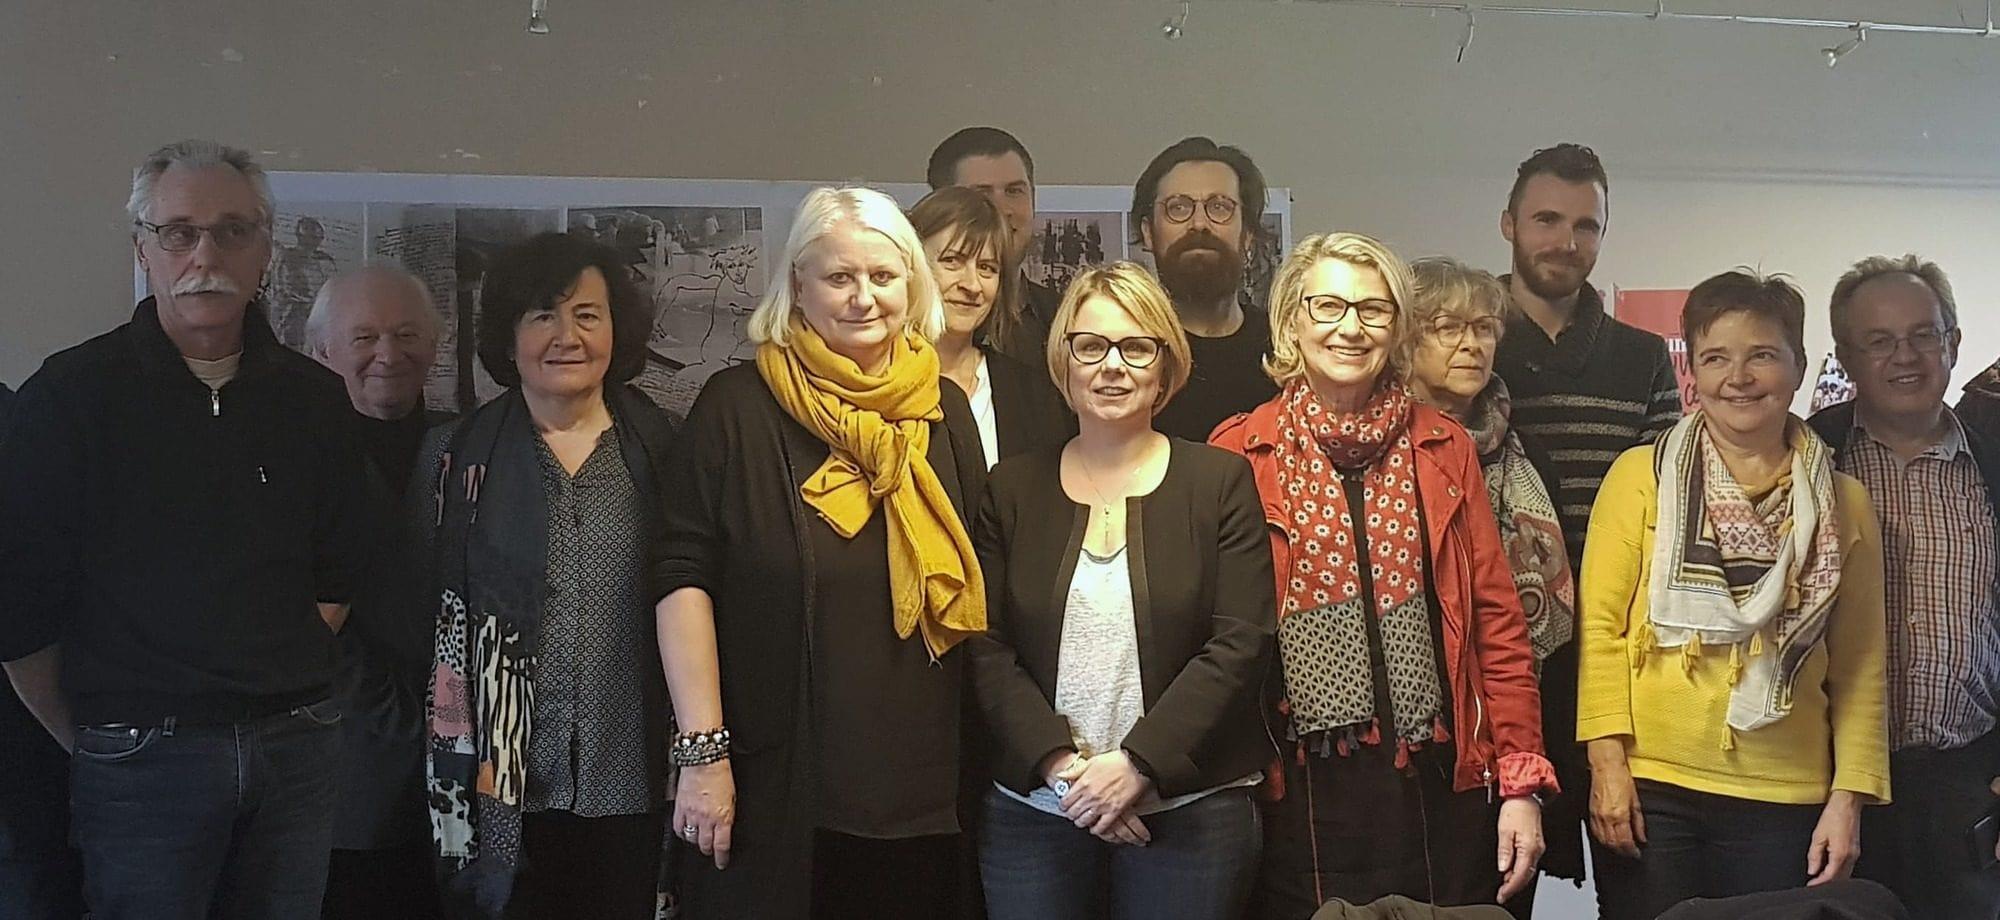 Les candidats du PCF avec la présence Cécile Cukierman